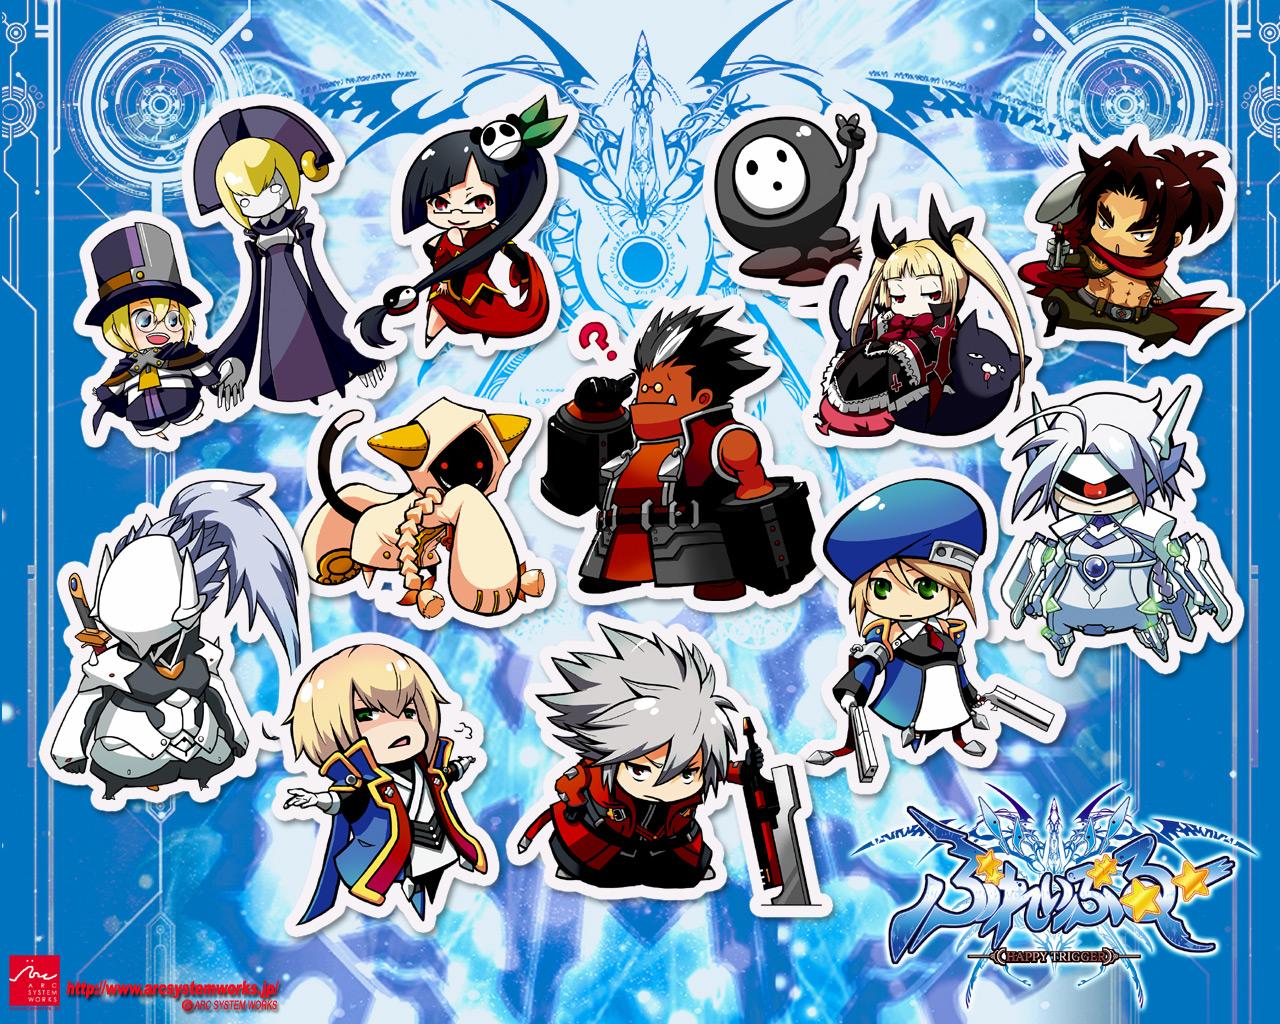 blazblue wallpaper #55911 - zerochan anime image board